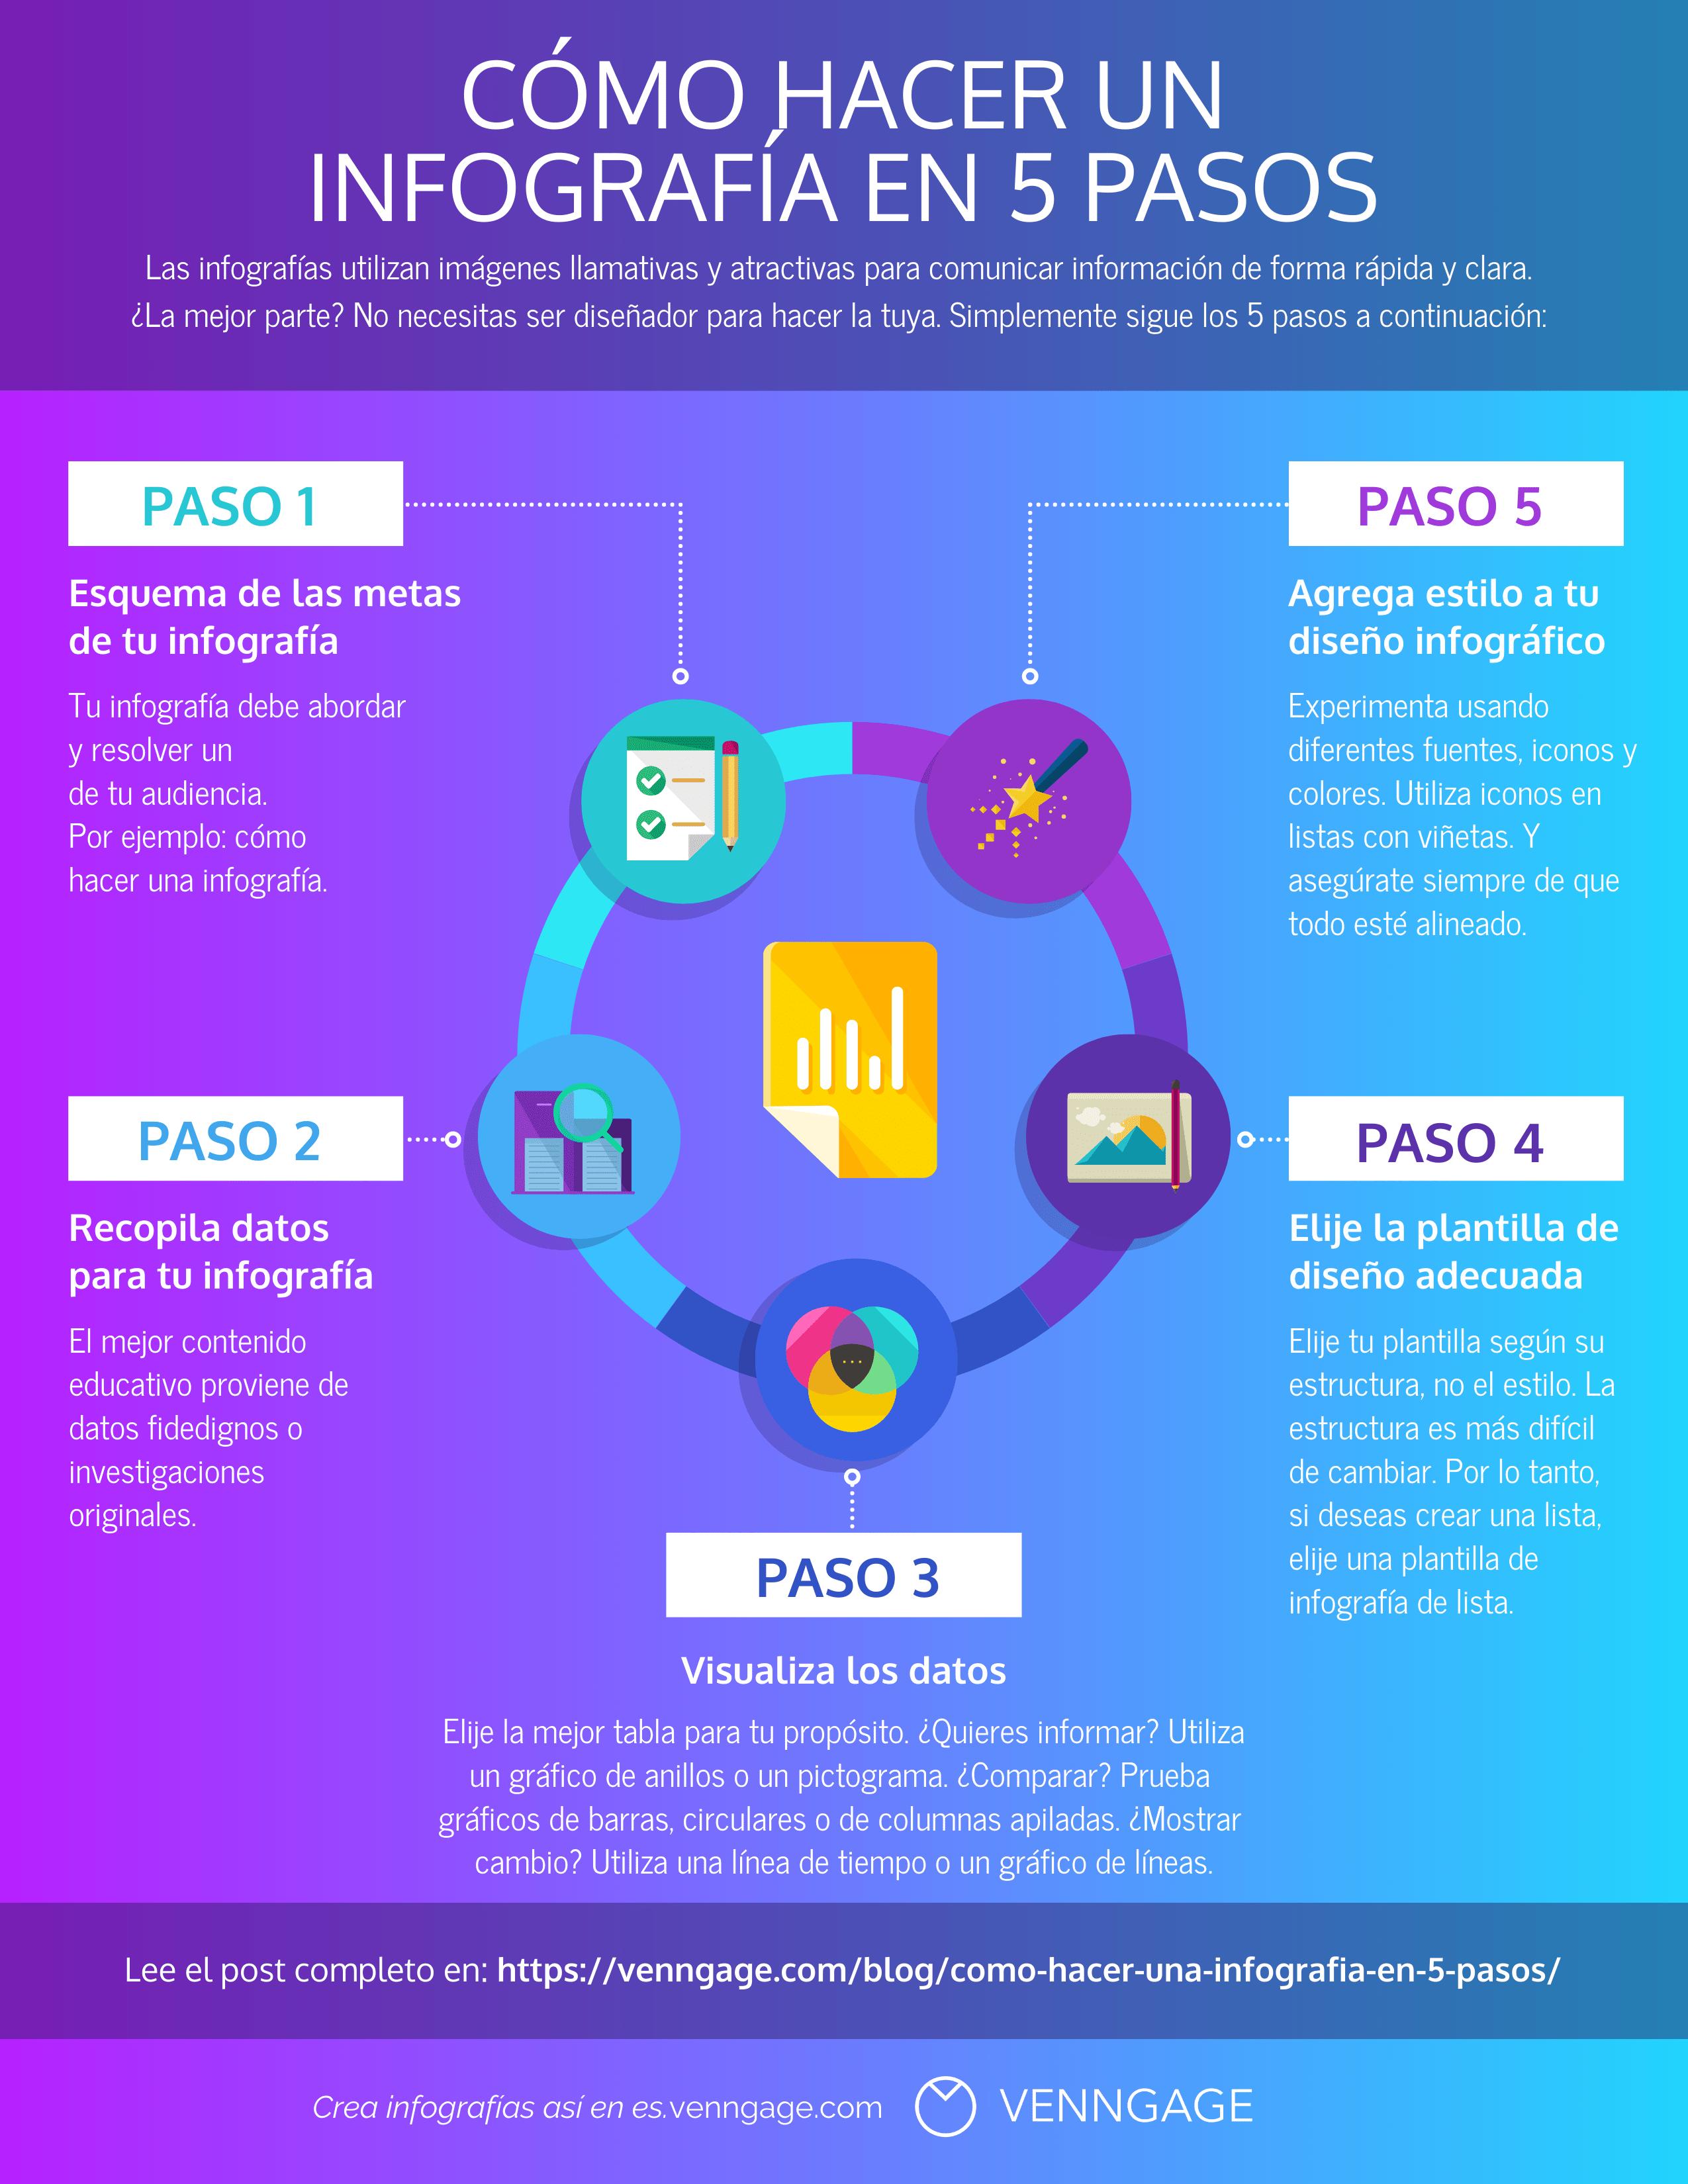 Como Hacer Una Infografia En 5 Pasos